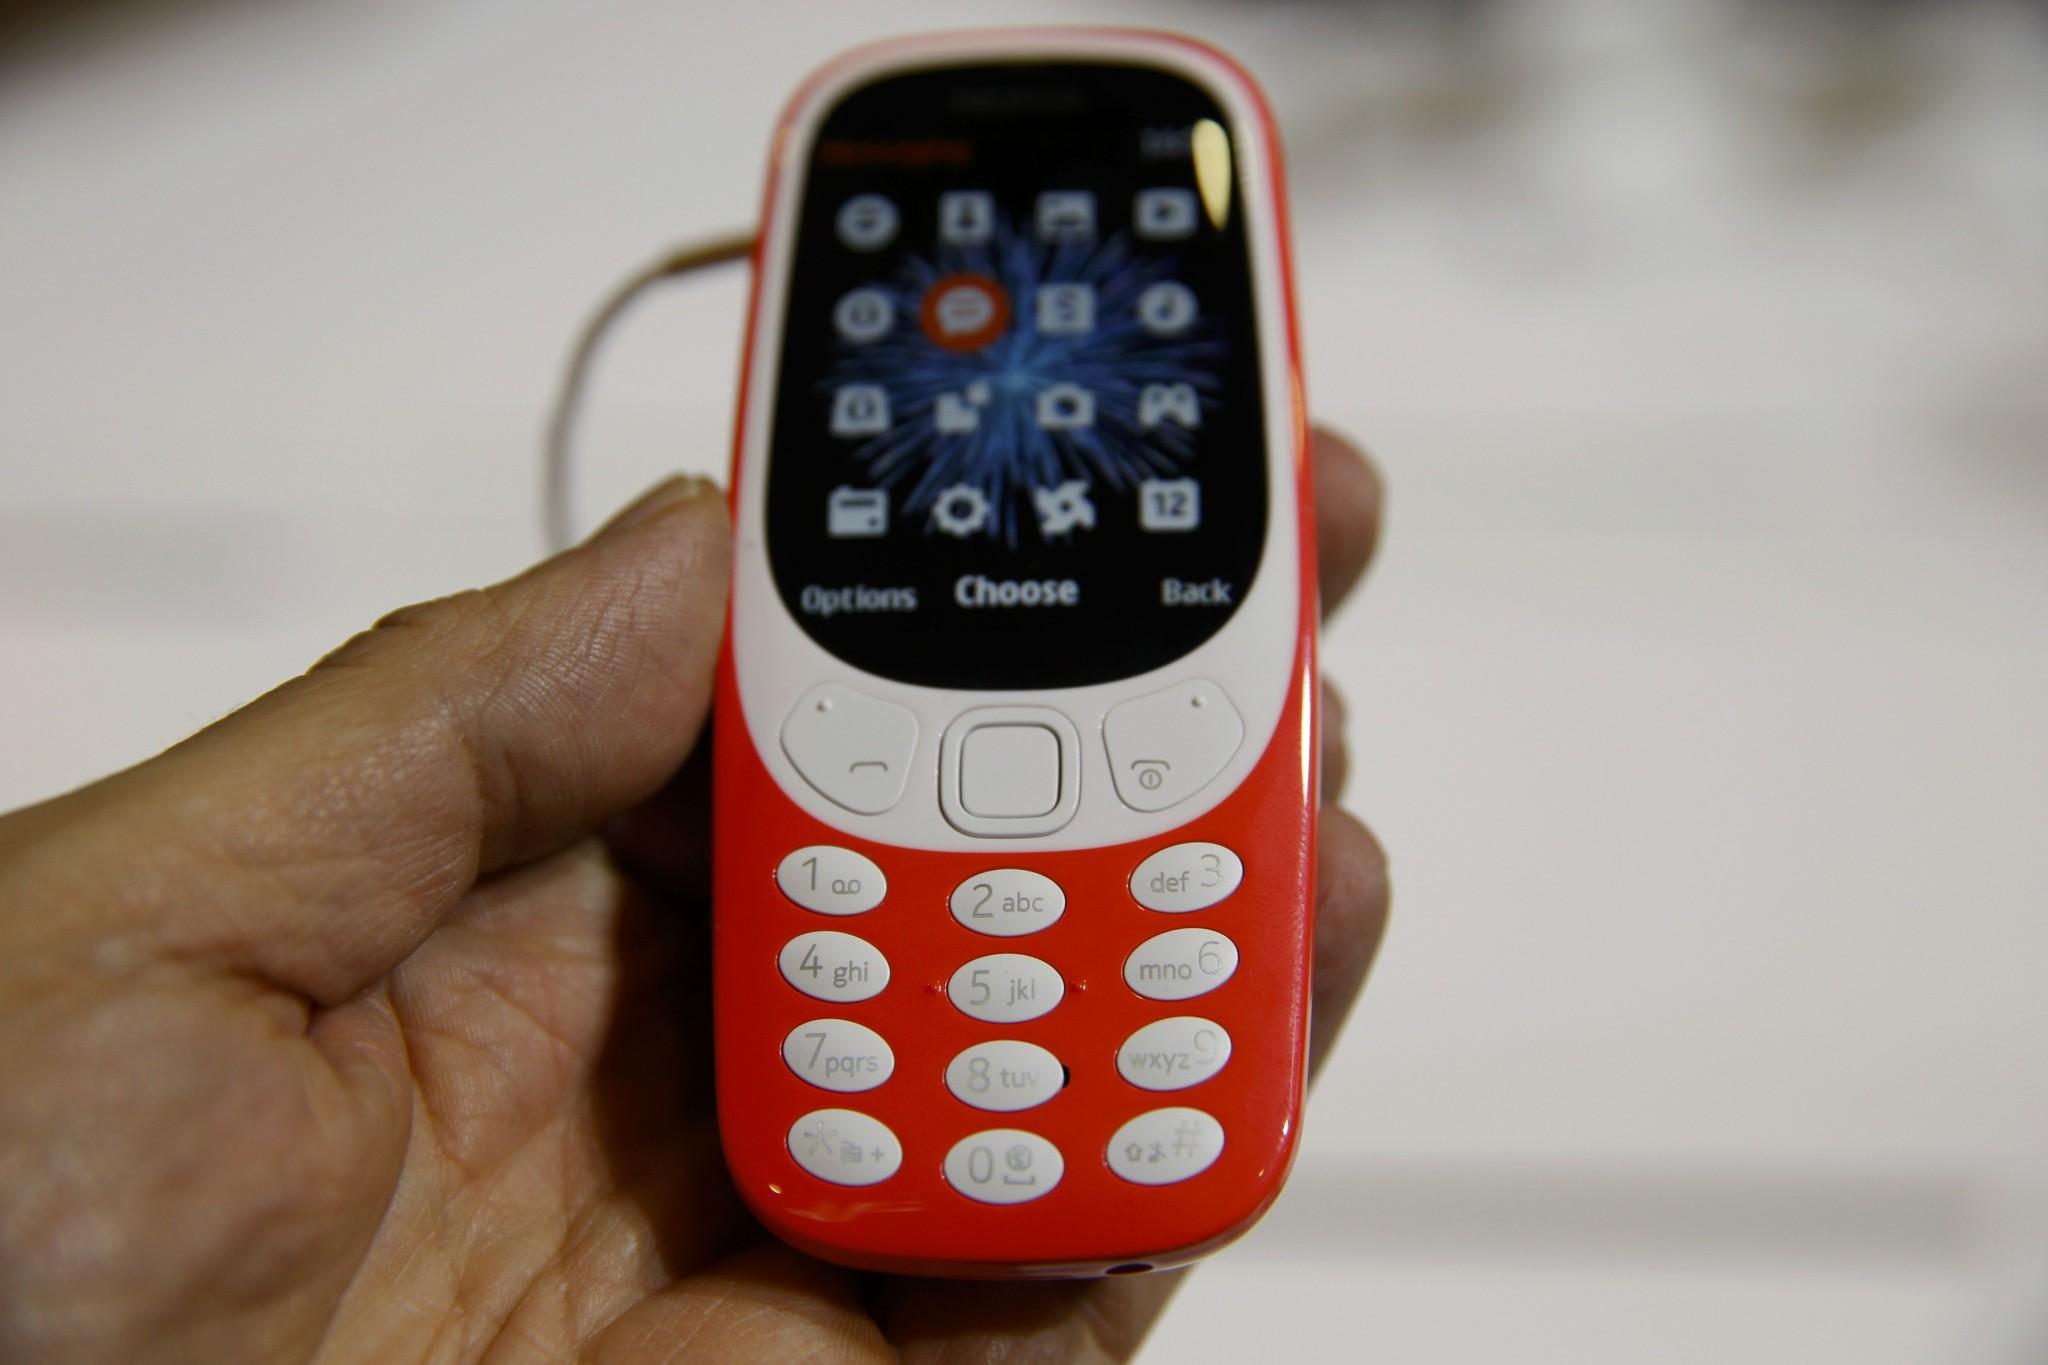 Y regresa Nokia 3310 4e9802dcea01711dcb5d91f095379de5